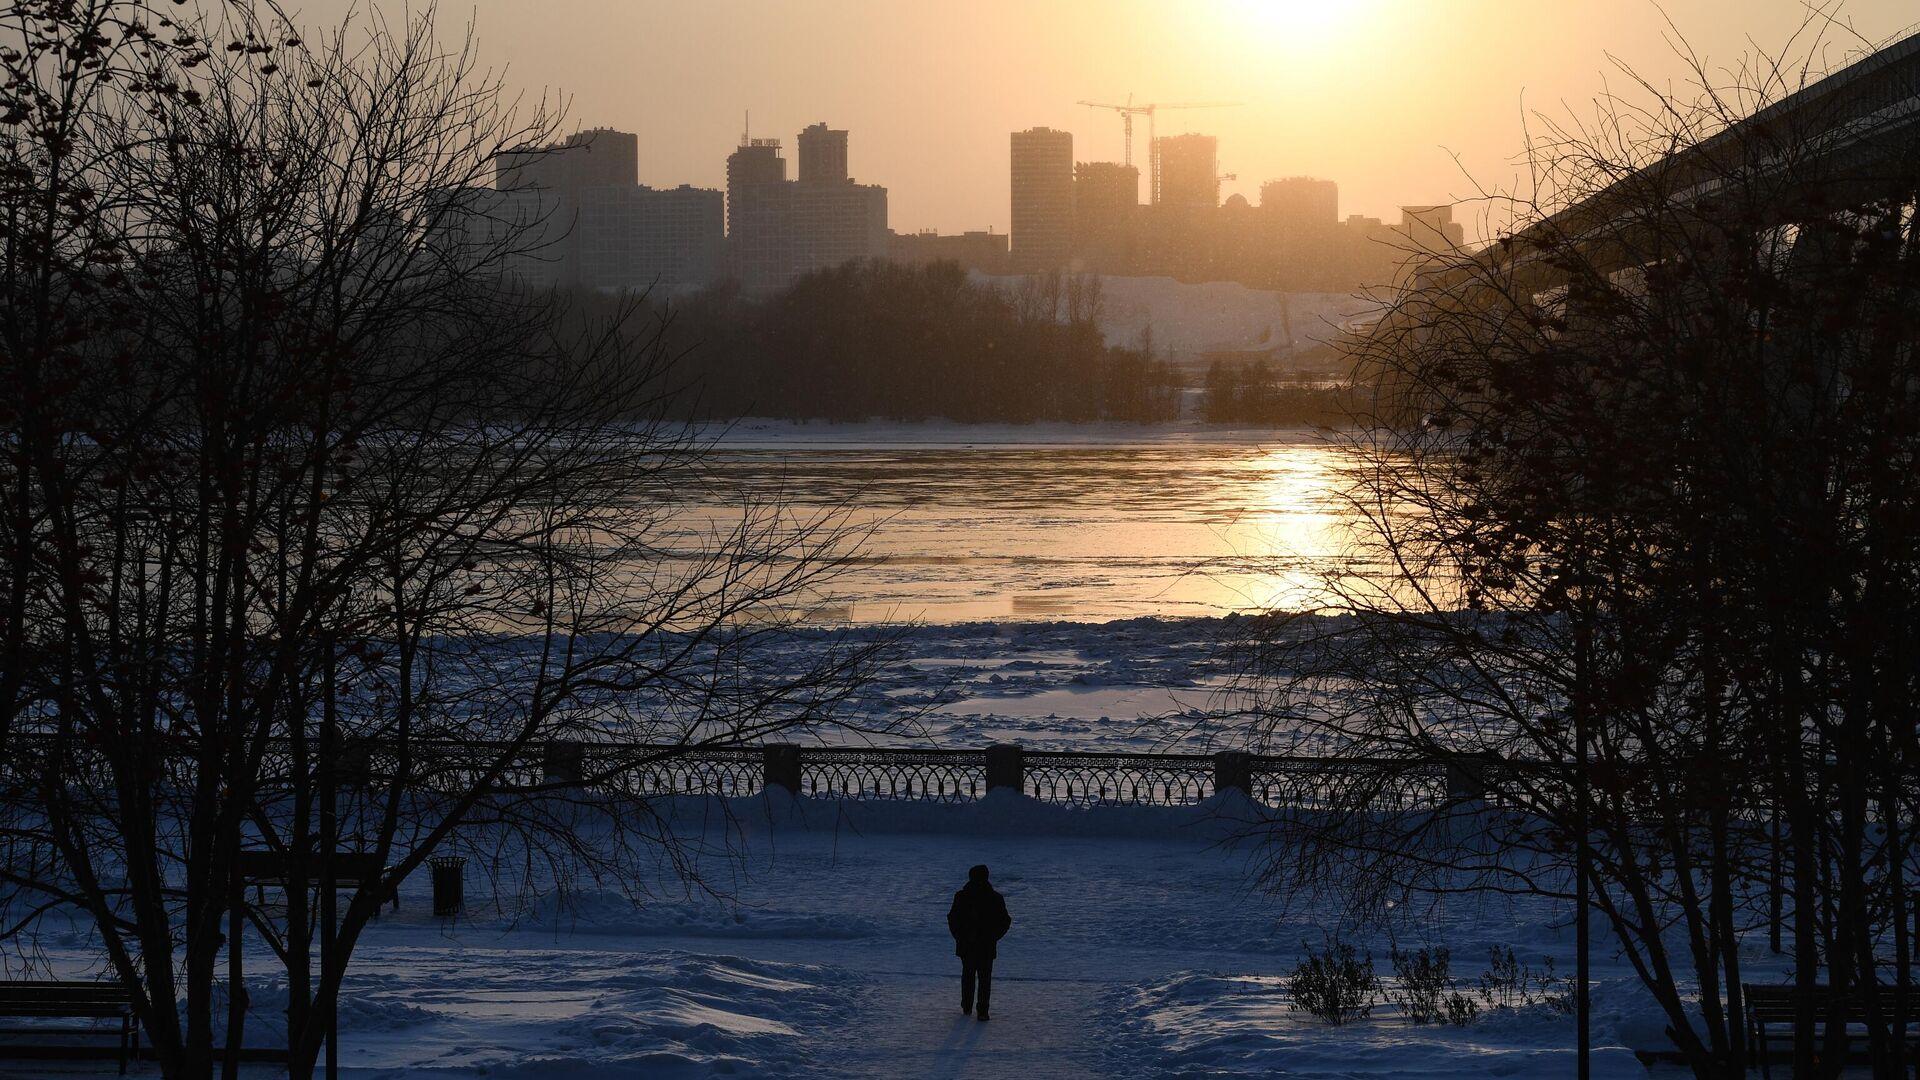 Прохожий на набережной реки Обь в Новосибирске. - РИА Новости, 1920, 30.11.2020